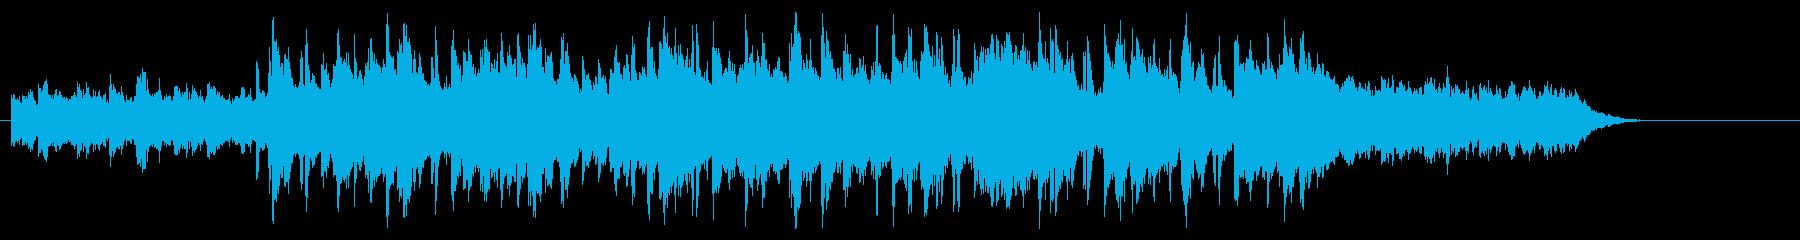 明るいシャッフルビートのピアノBGMの再生済みの波形